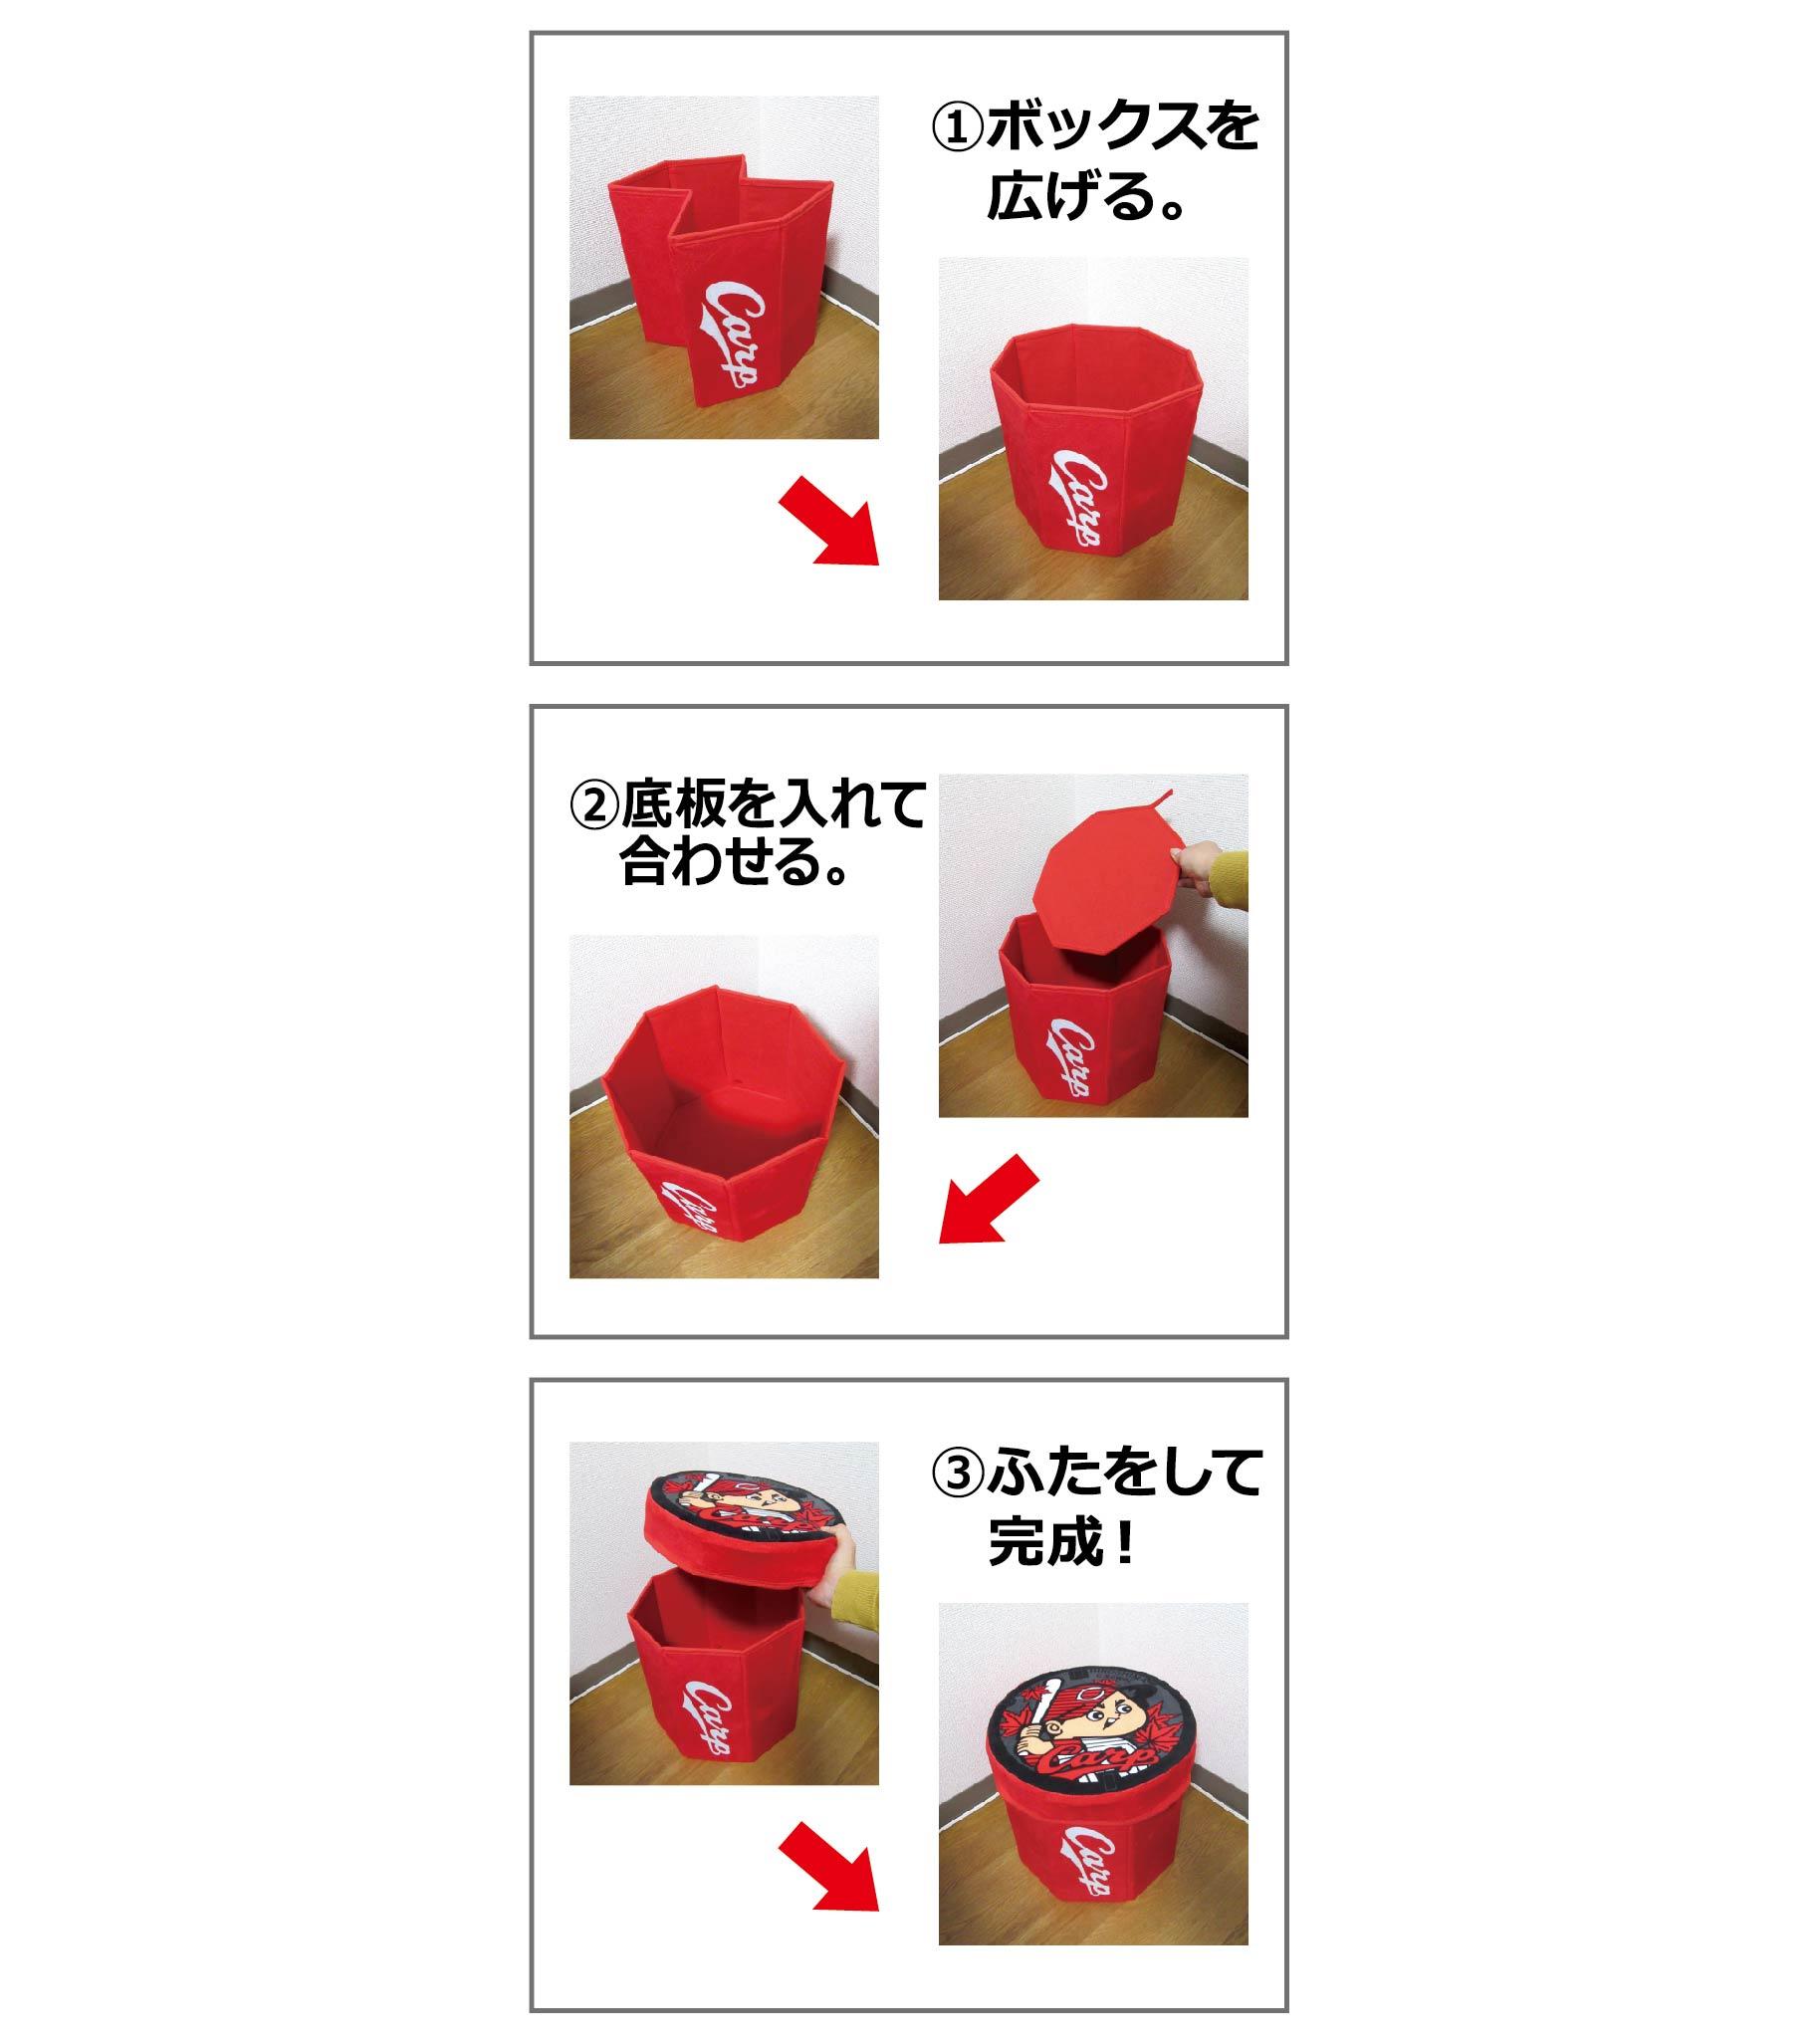 広島 東洋 カープ